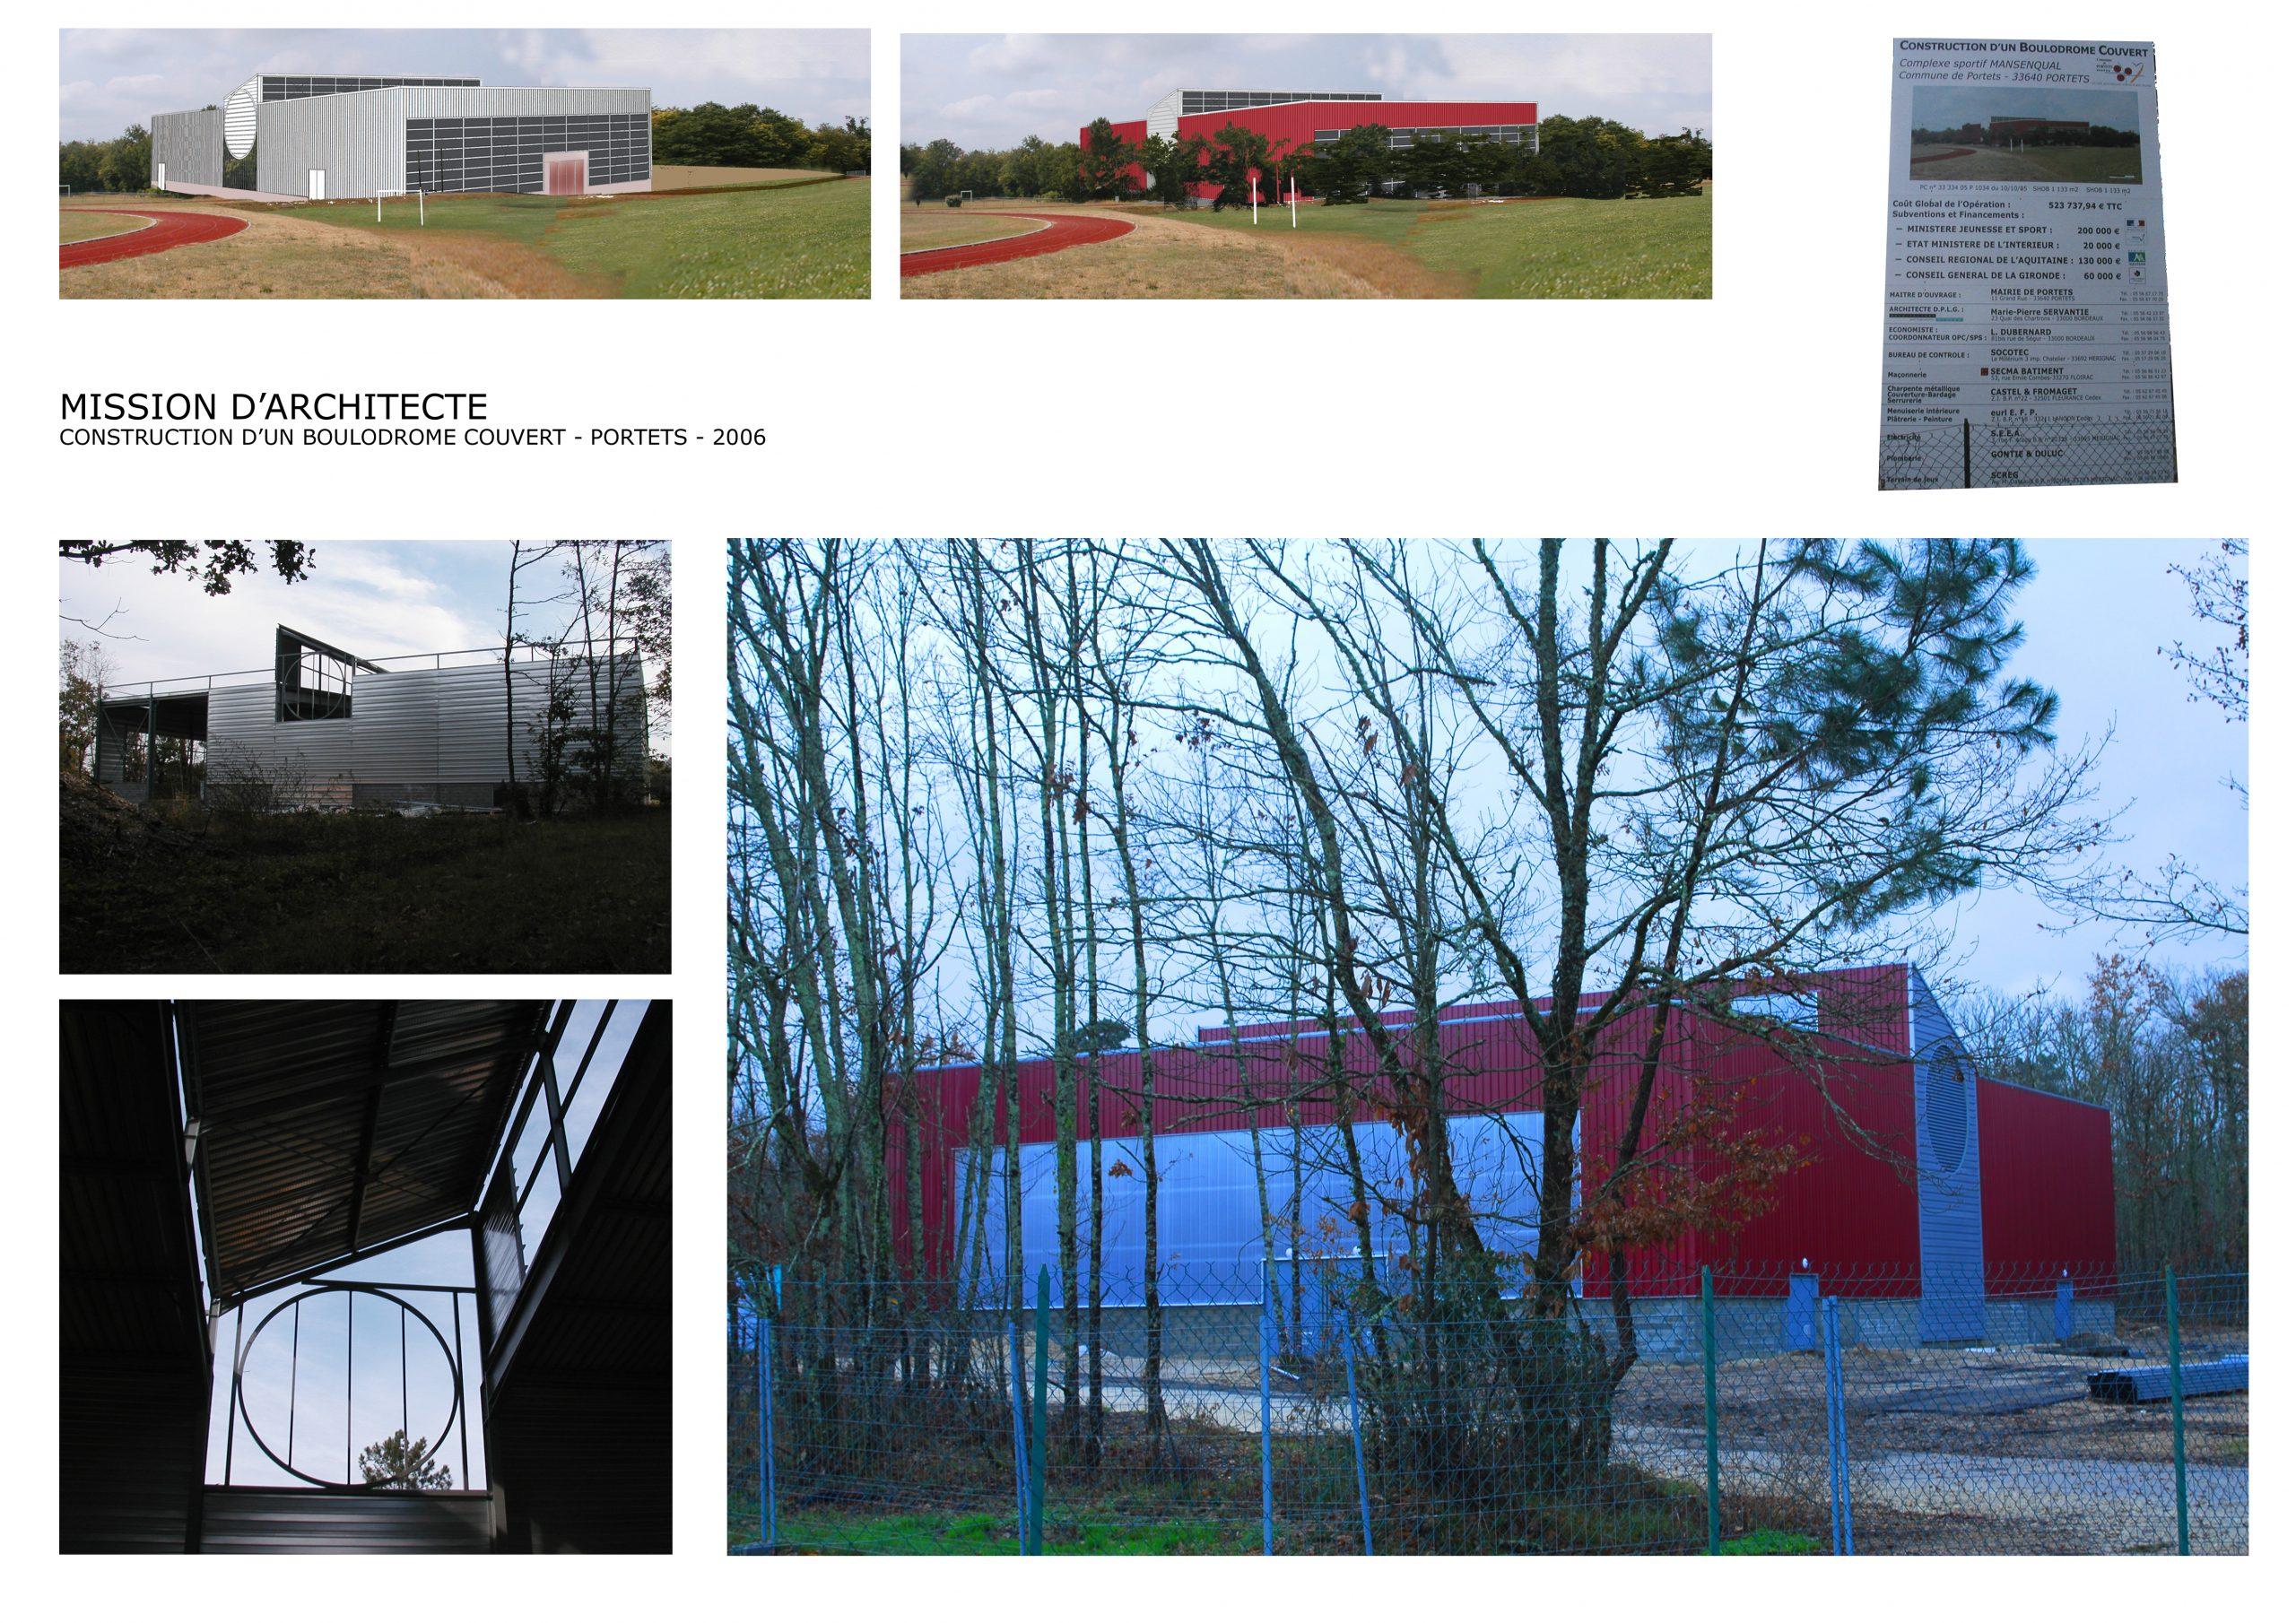 Boulodrome Portets-Chromo-architecture-arch MP Servantie